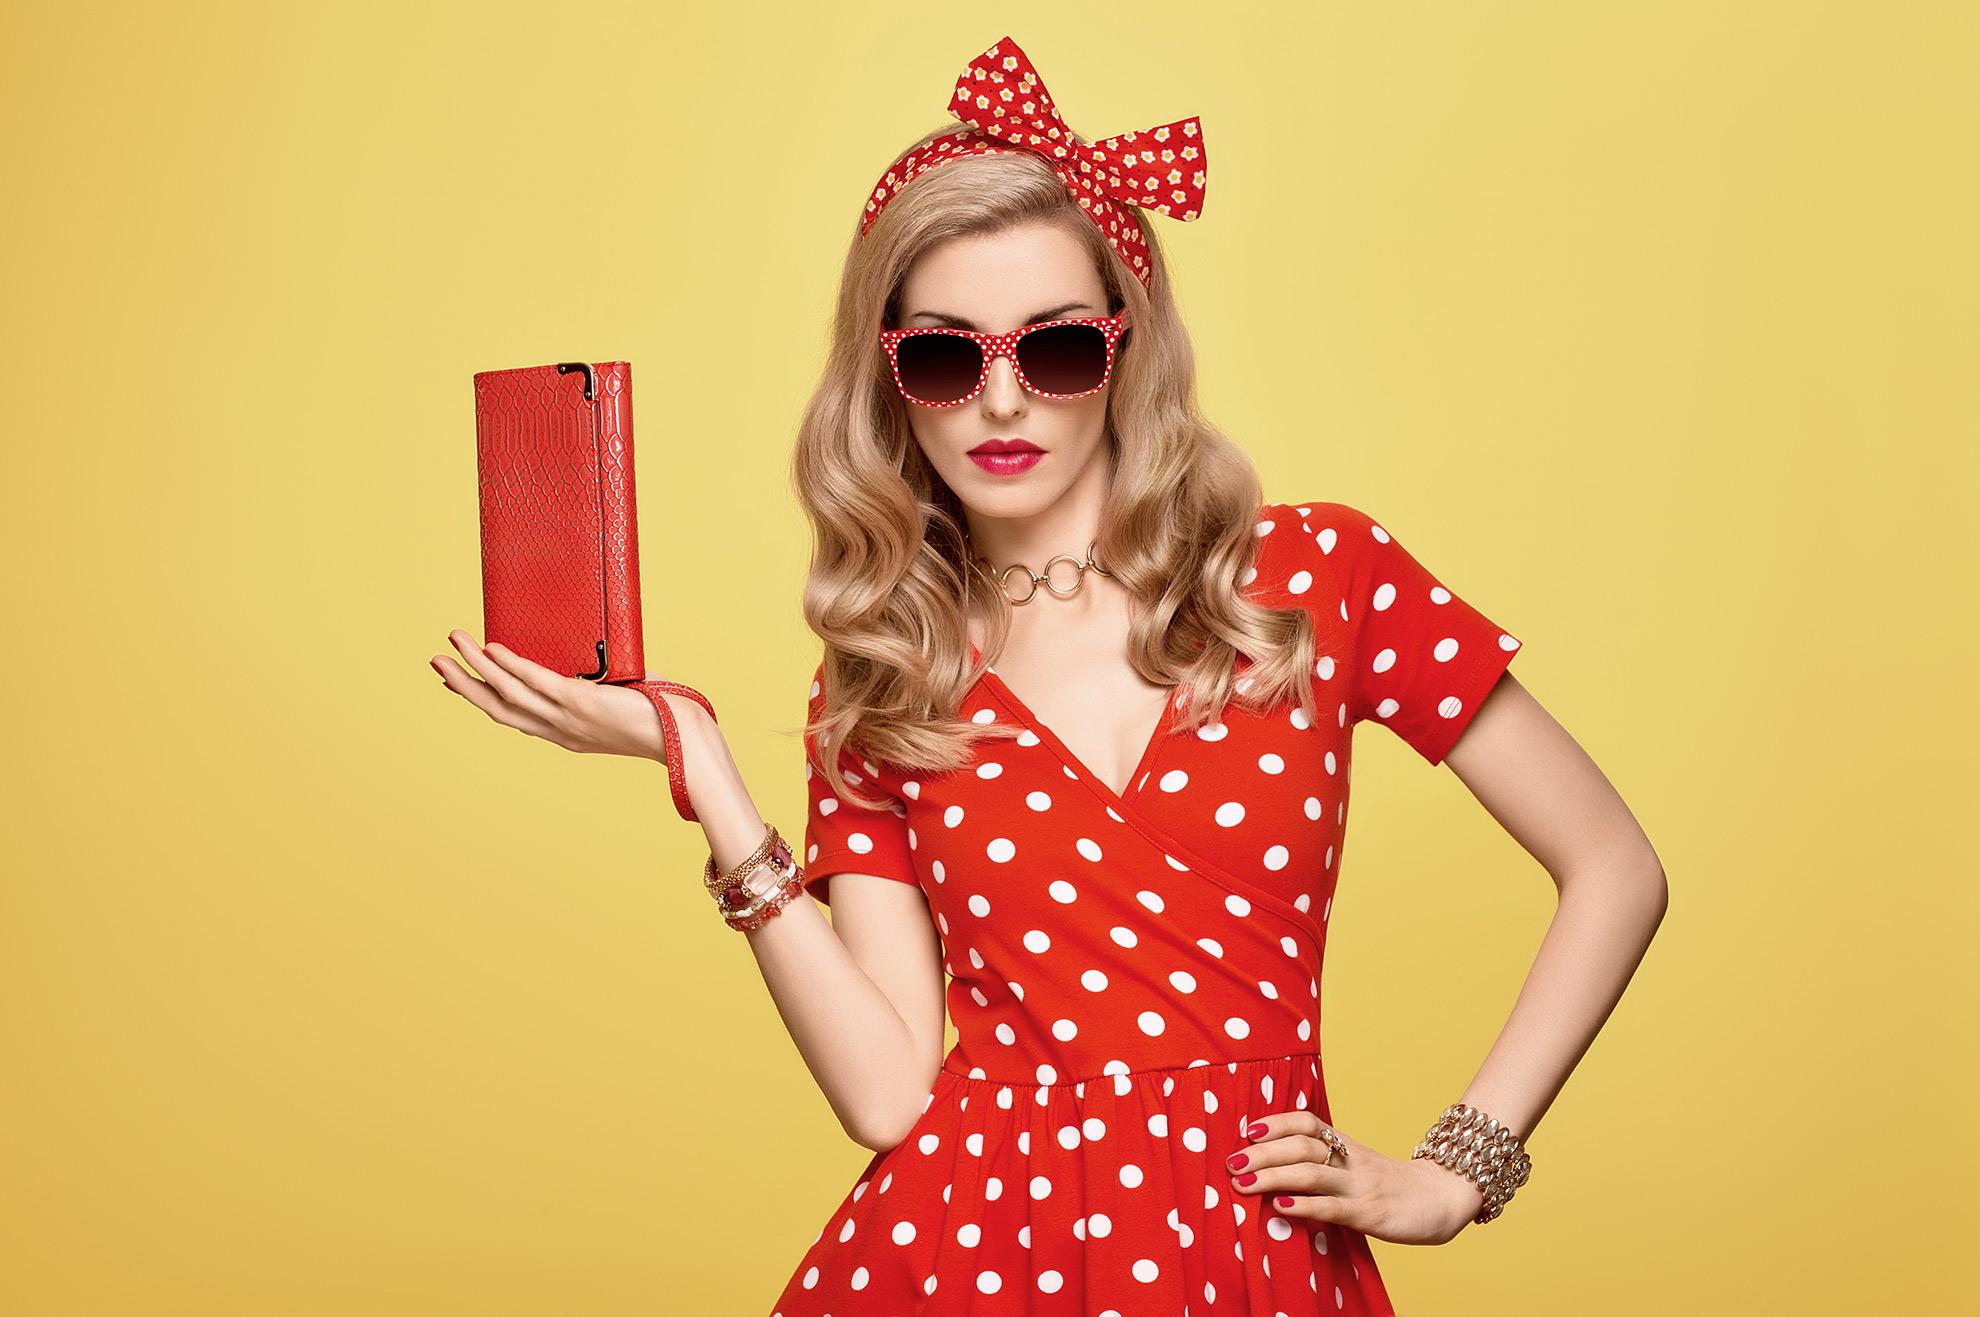 Kobieta z czerwoną torebką, ilustracja do artykułu